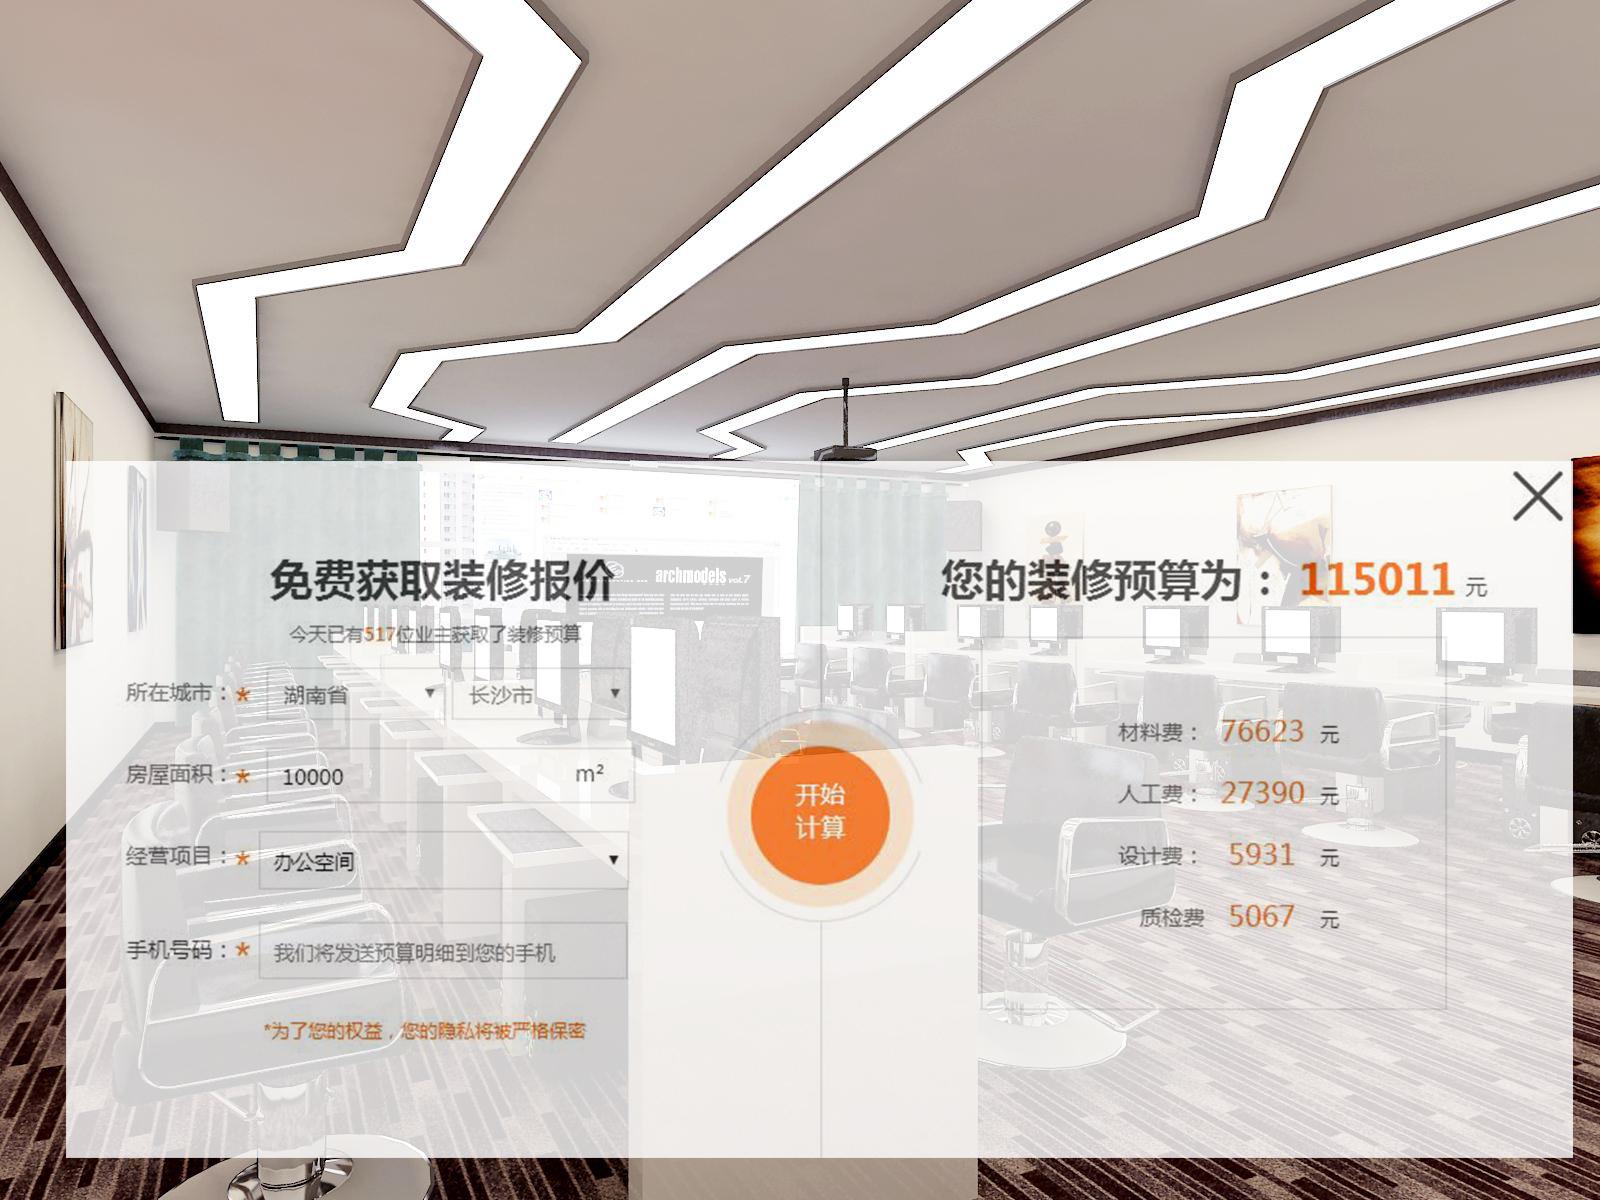 湖南浩安公装公司公装报道资讯知识浩安公装公司:长沙公装价格多少钱一平方?